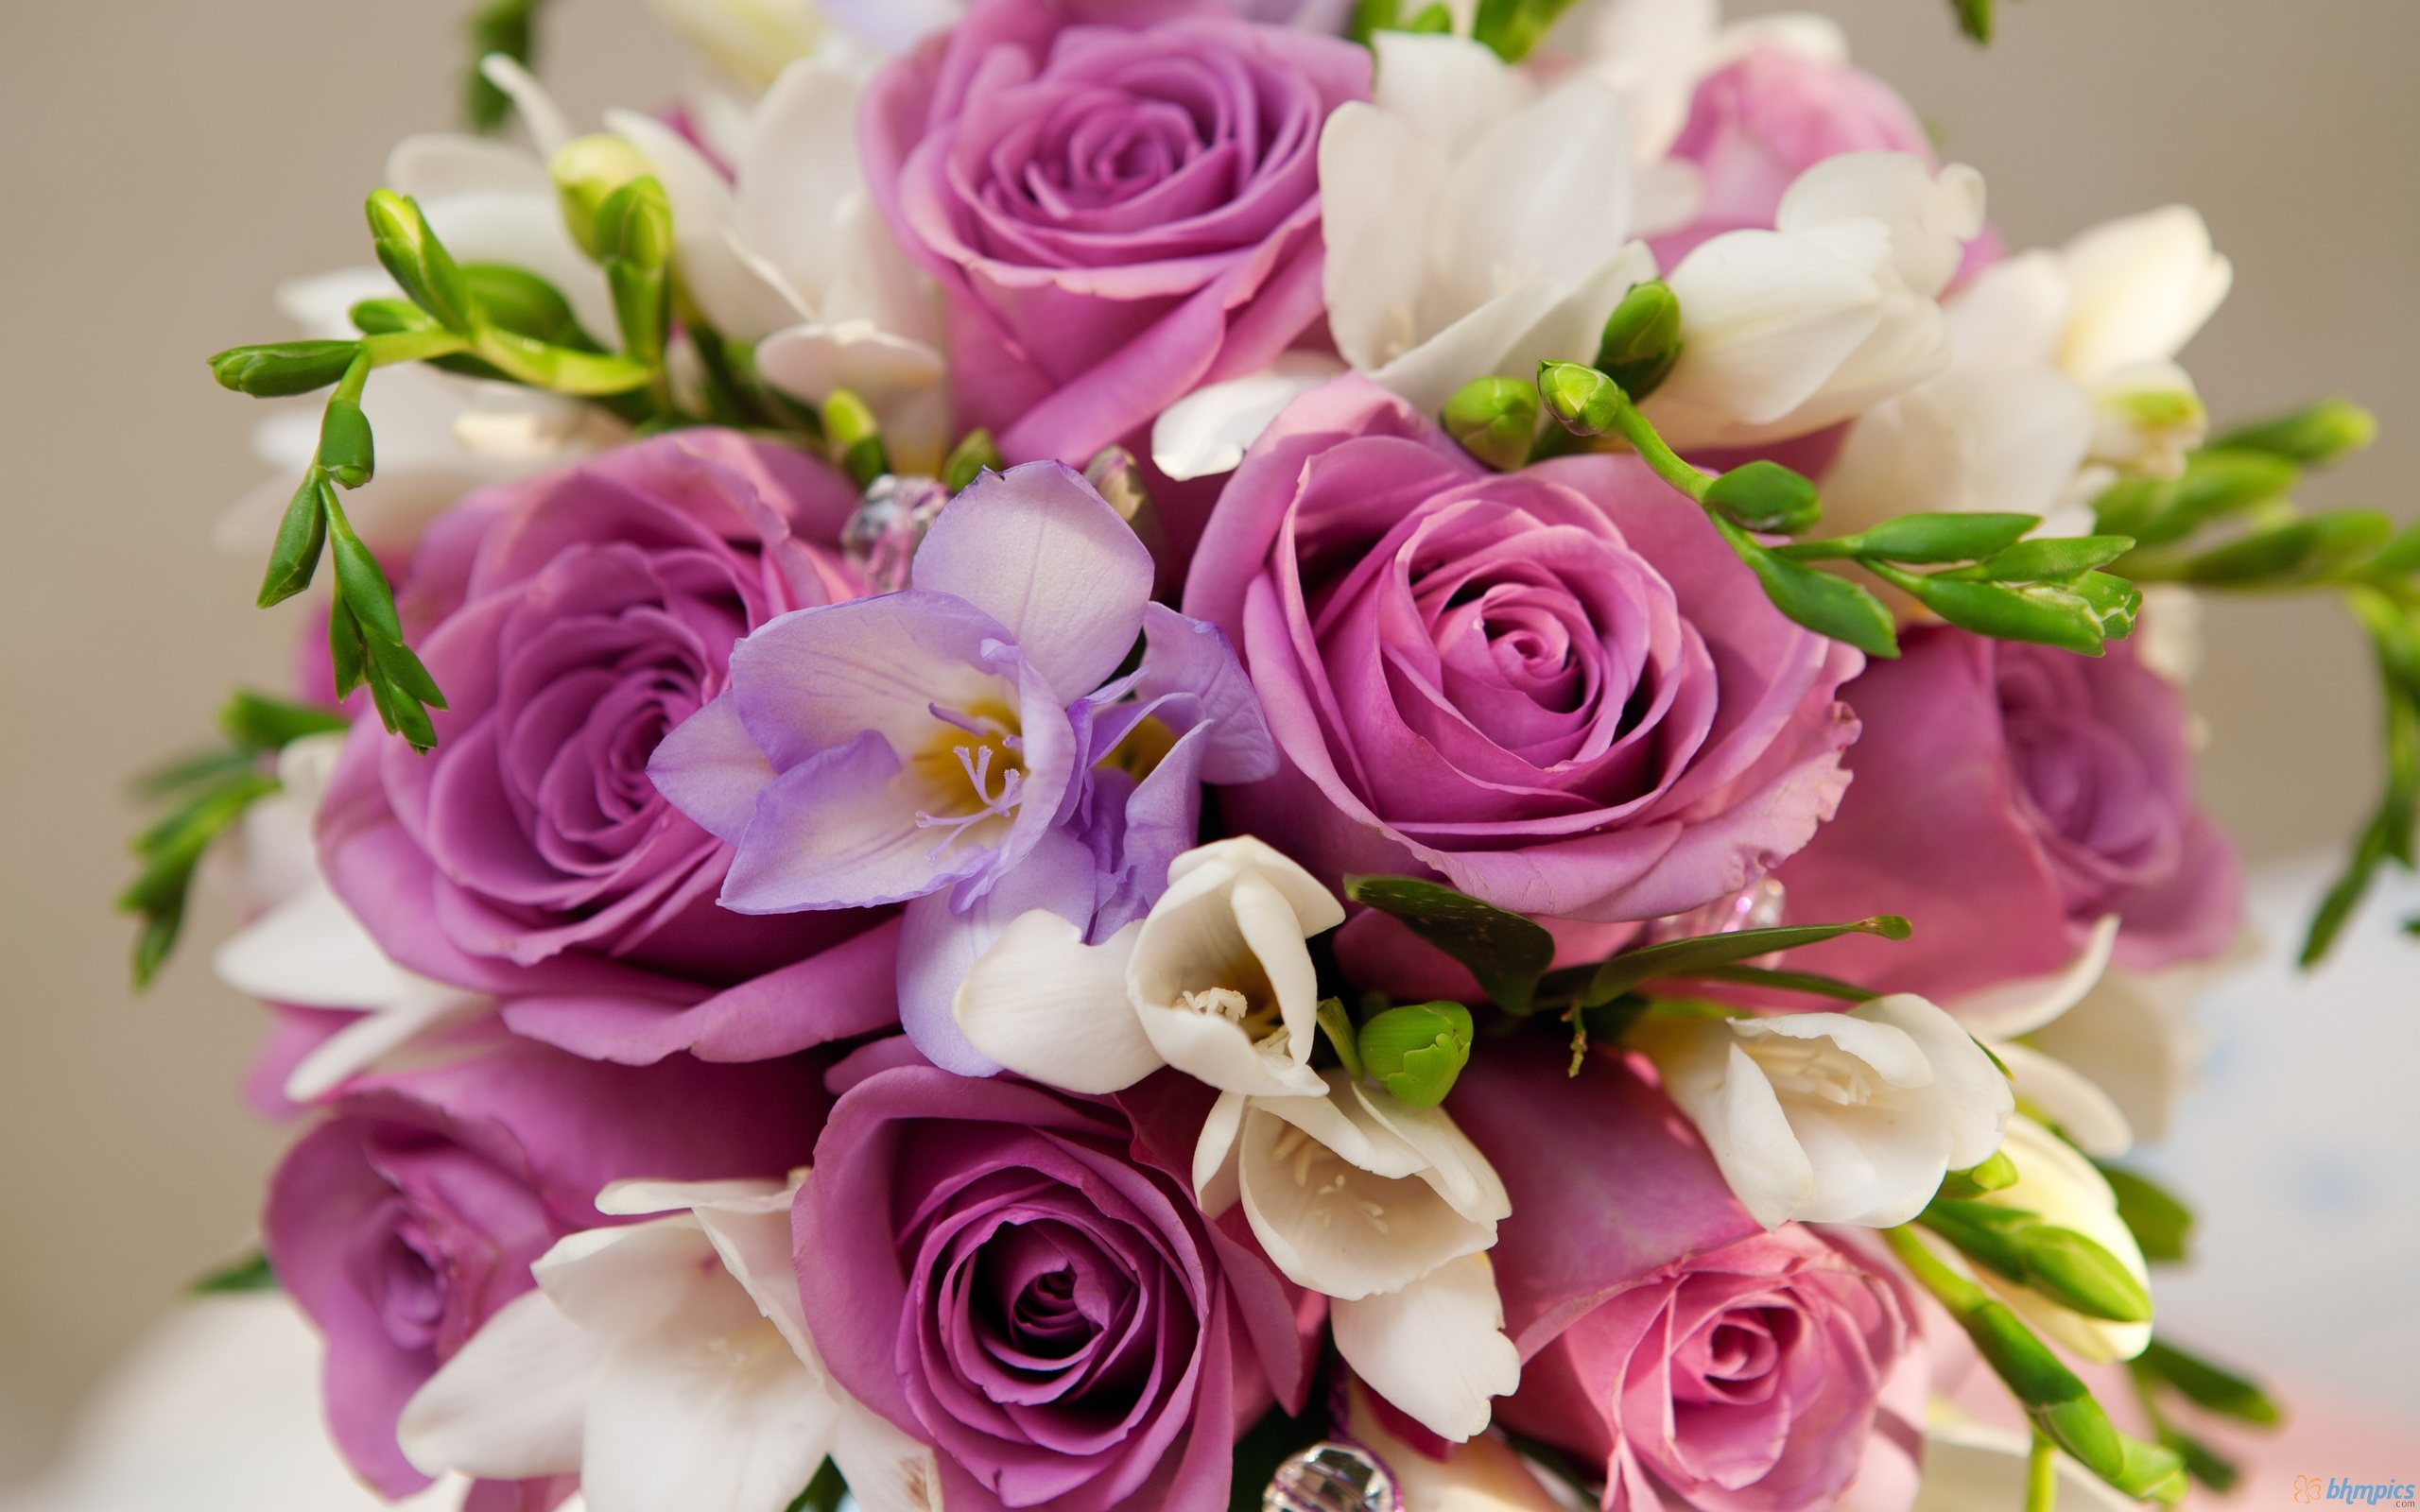 بالصور صور ورود حمراء جديدة , صور باقات ورود زهور حمراء و بيضاء جديدة و رائعة 3786 7